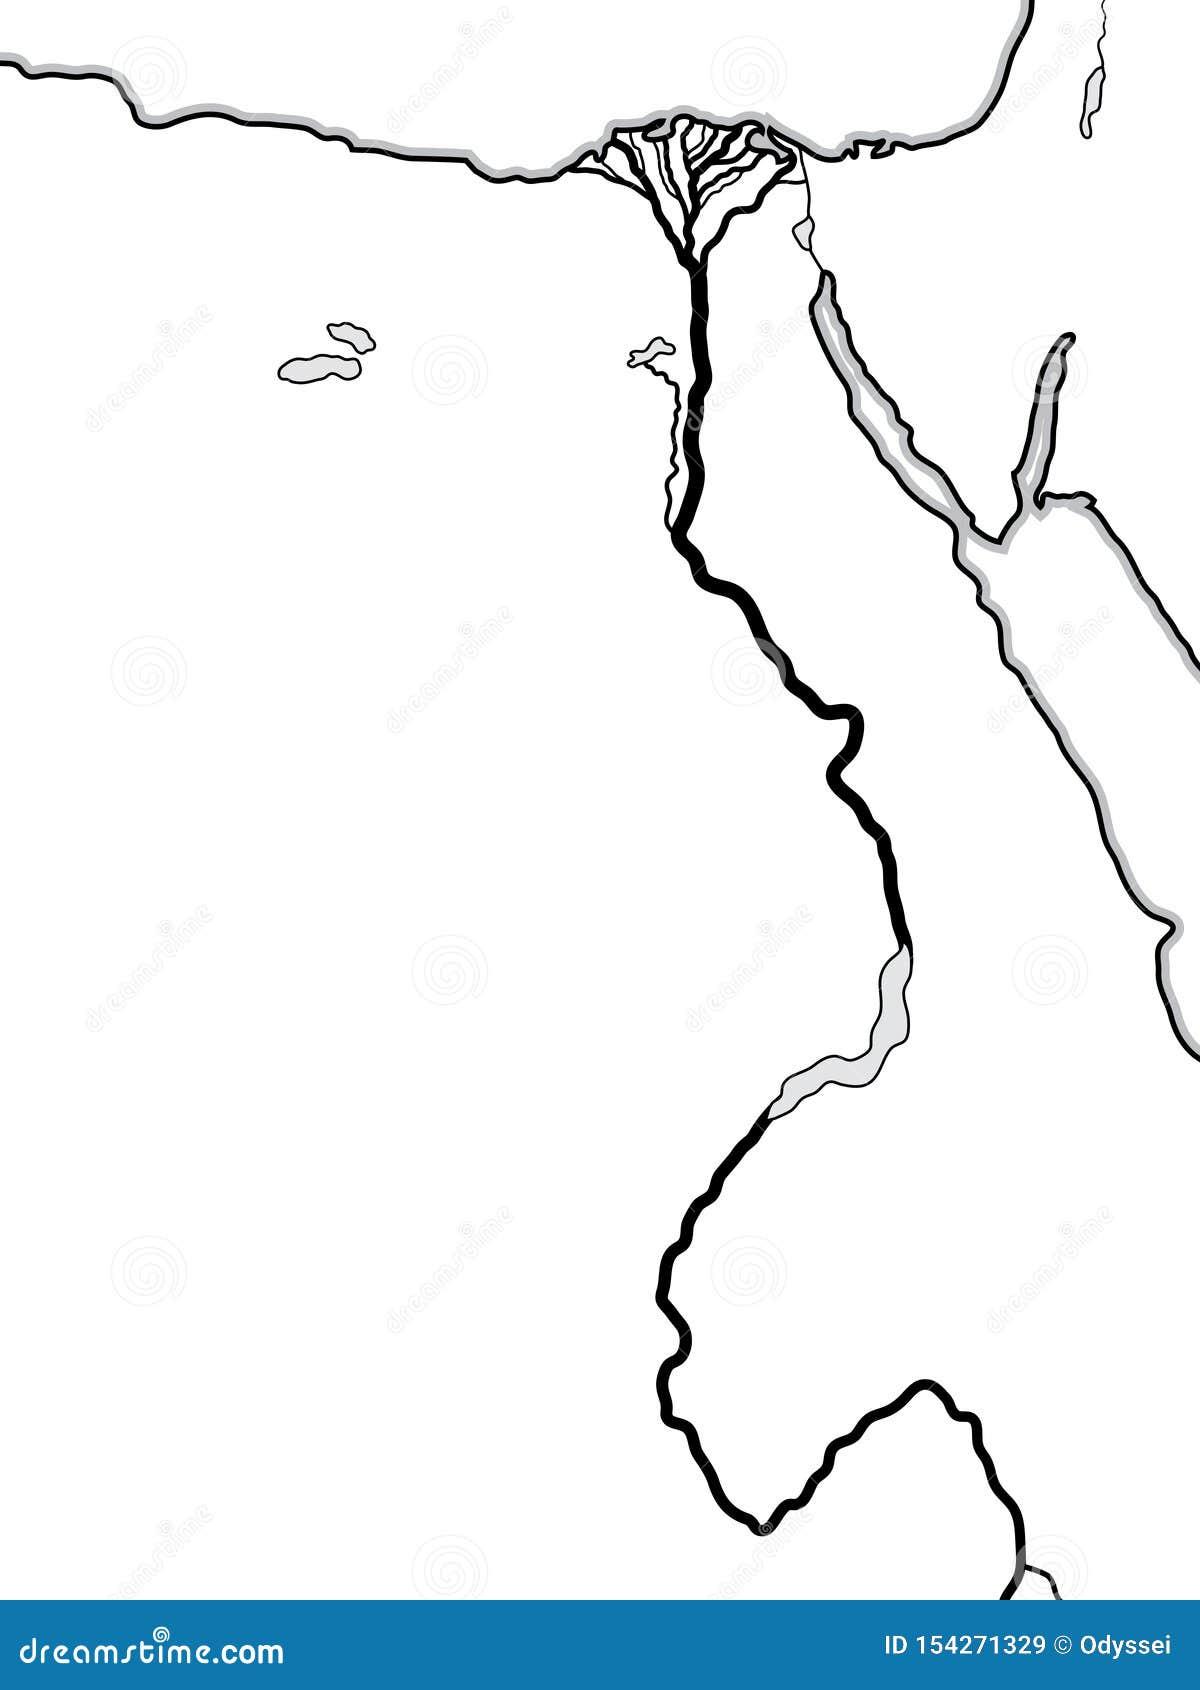 Światowa mapa EGIPT i LIBIA: Afryka Pólnocna, Niski wierzch Egipt, Egipt Nil rzeka I swój delta, Geograficzna mapa